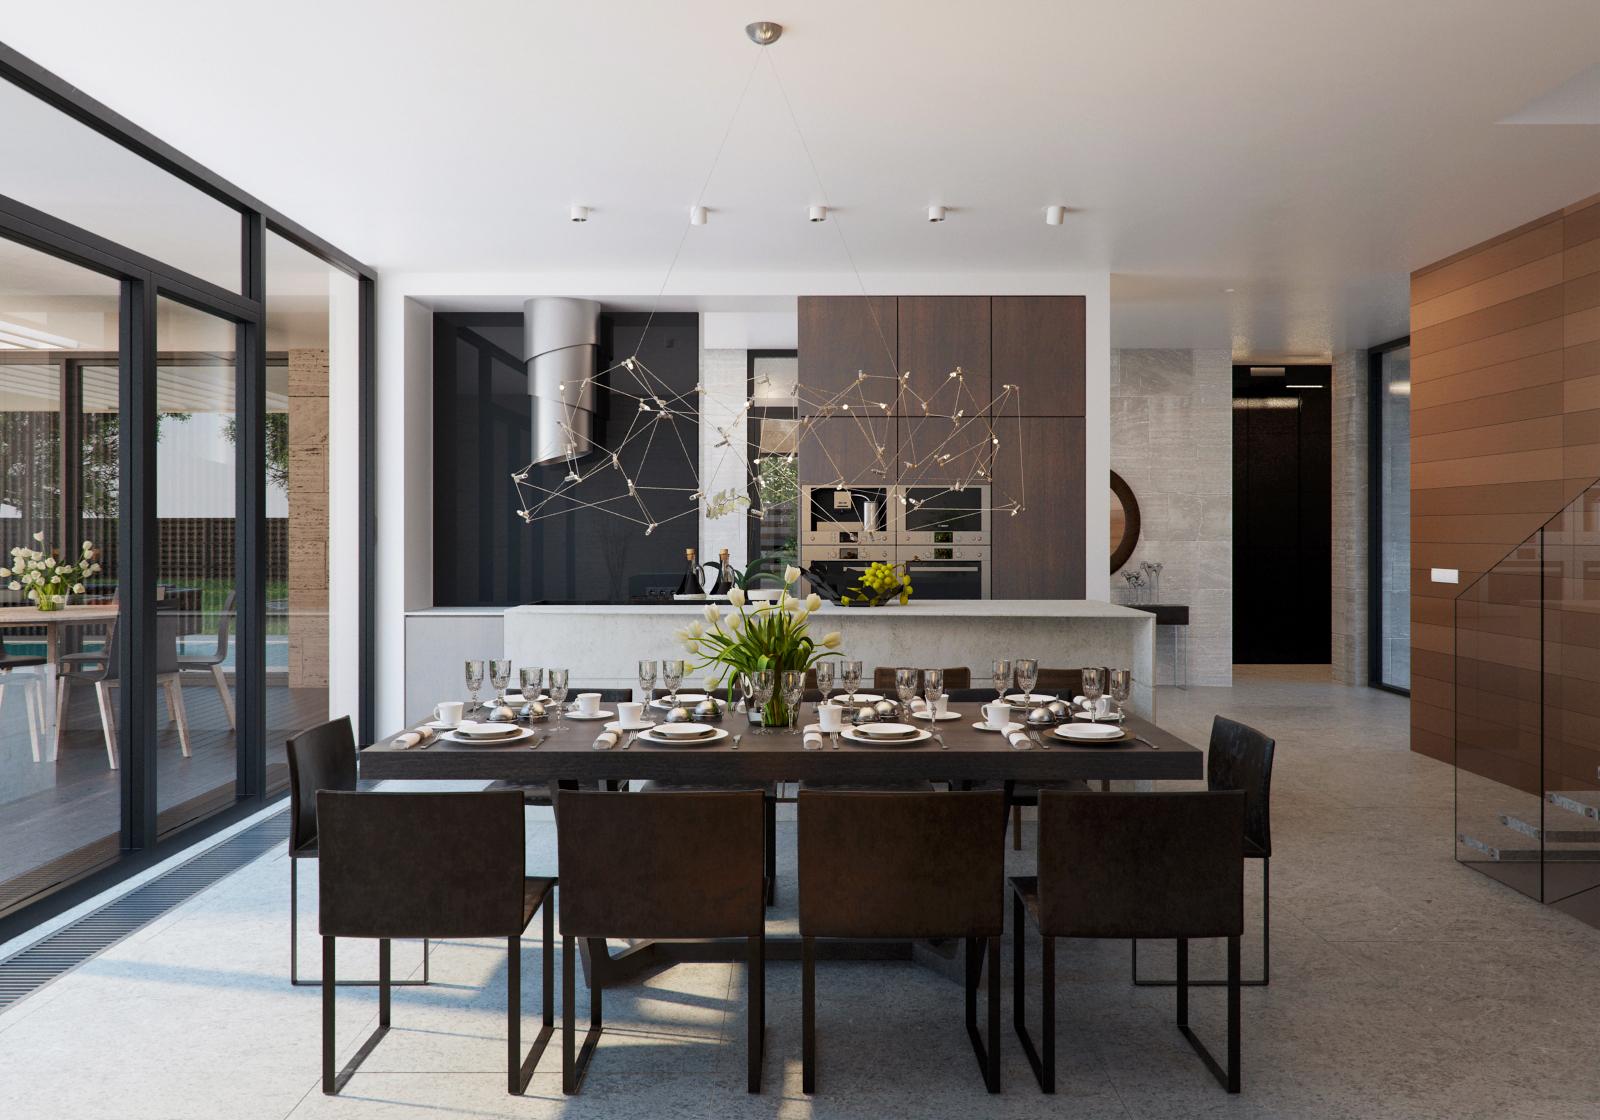 Wedo thiết kế nội thất phòng ăn đẹp, sang trọng với gỗ và đá